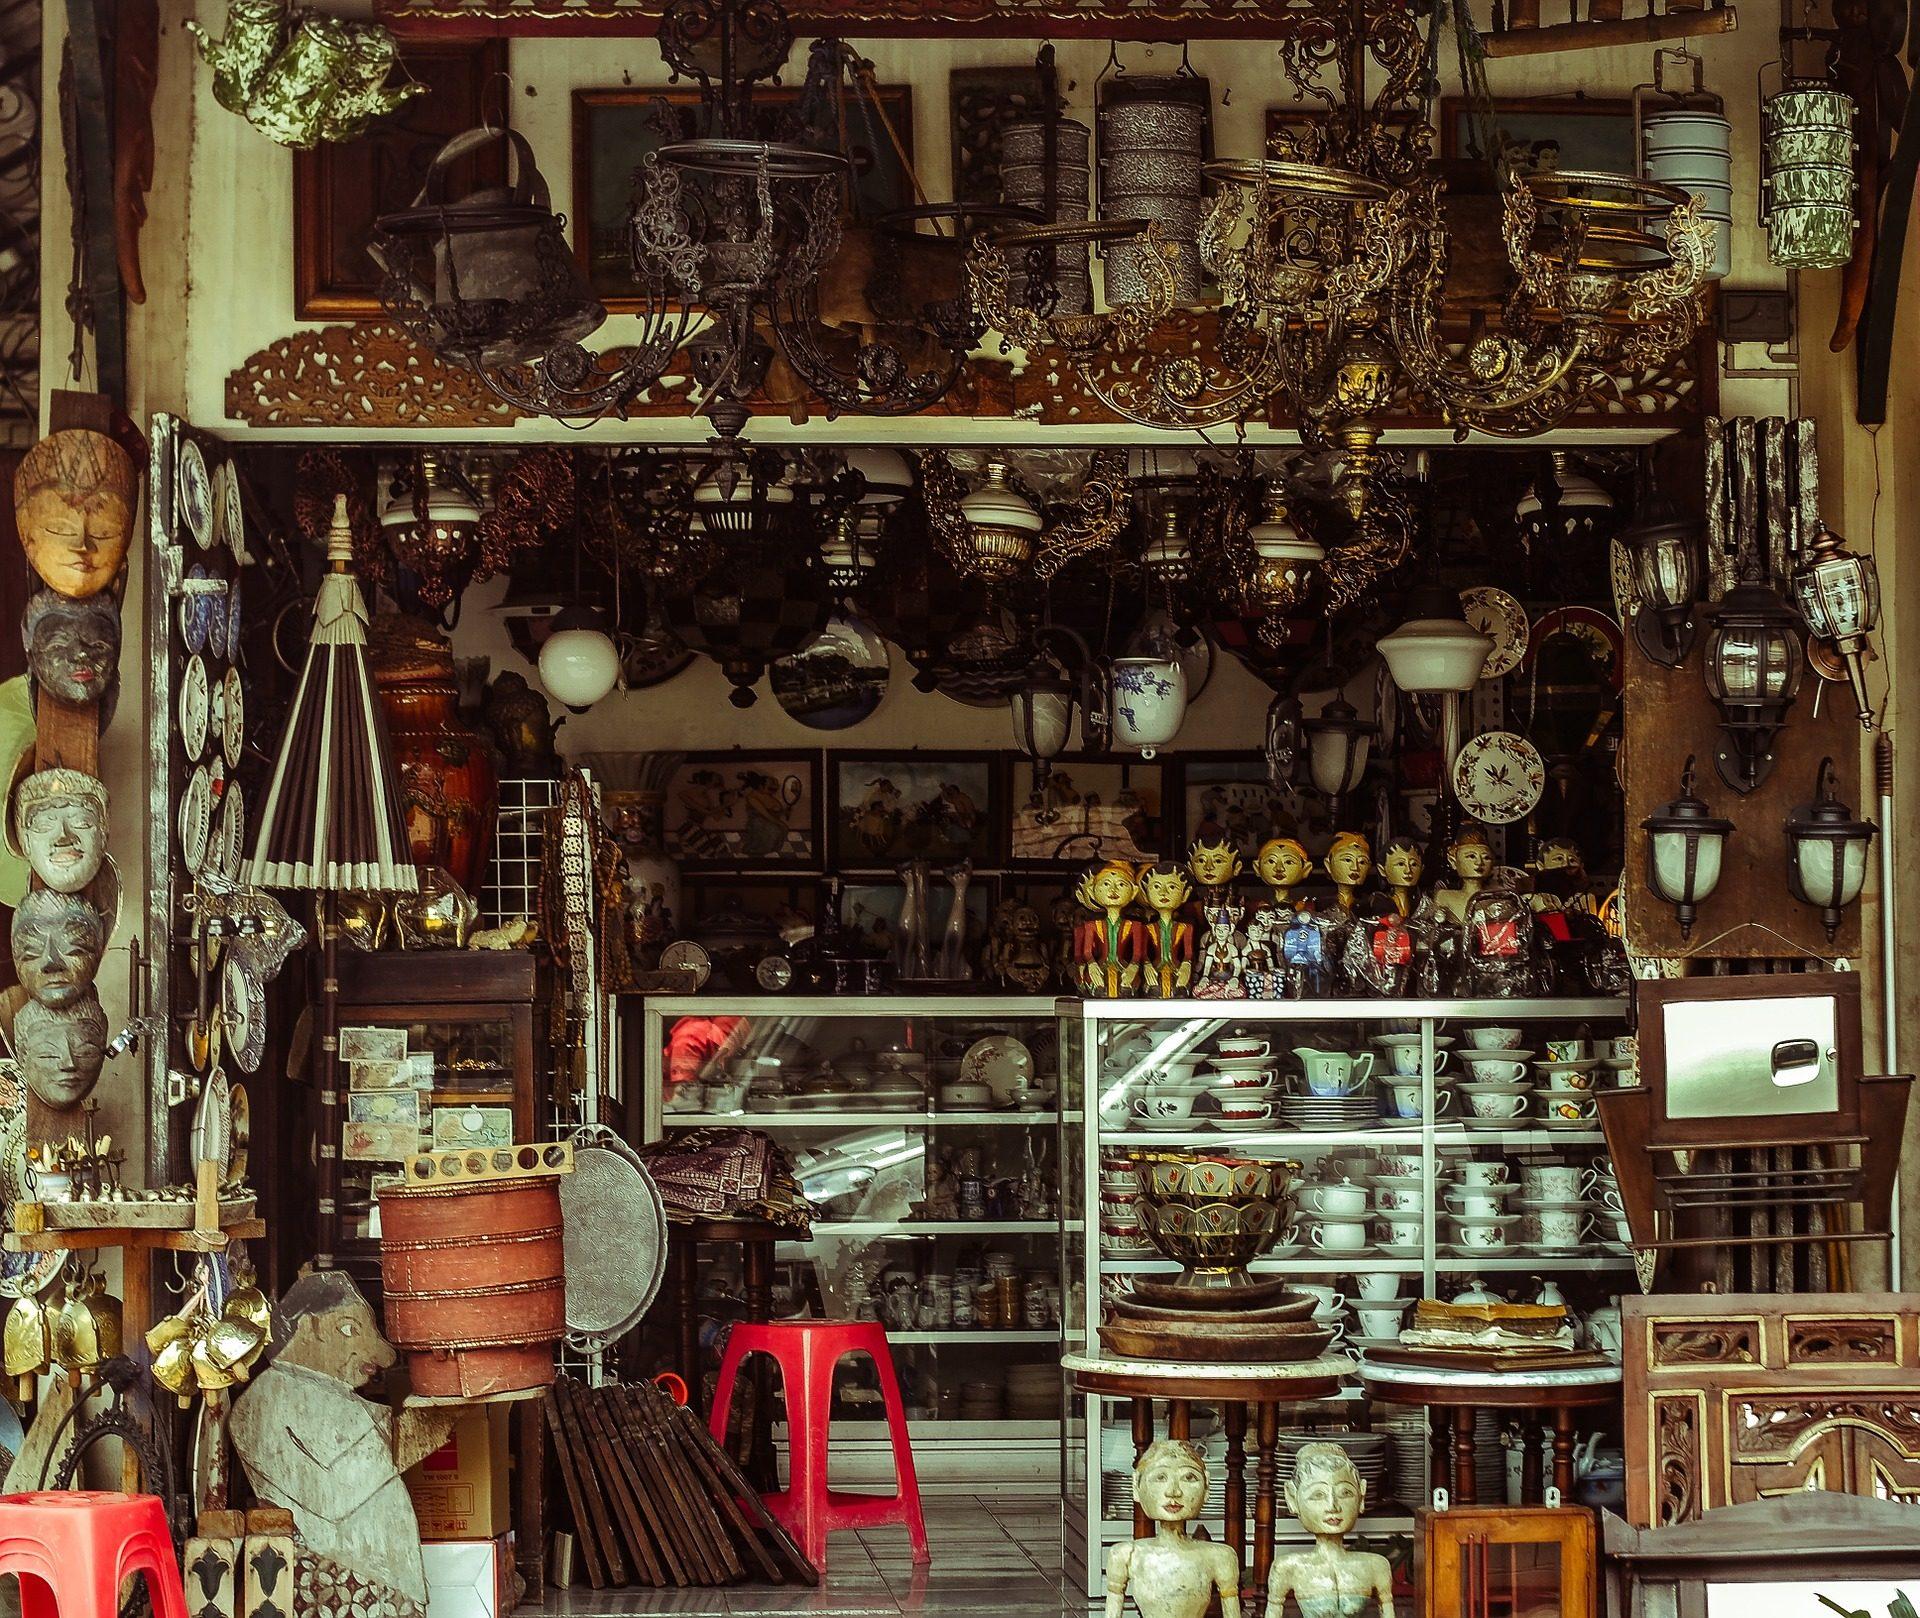 商店, 集市, 数字, 而古董, 纪念品, 年份 - 高清壁纸 - 教授-falken.com